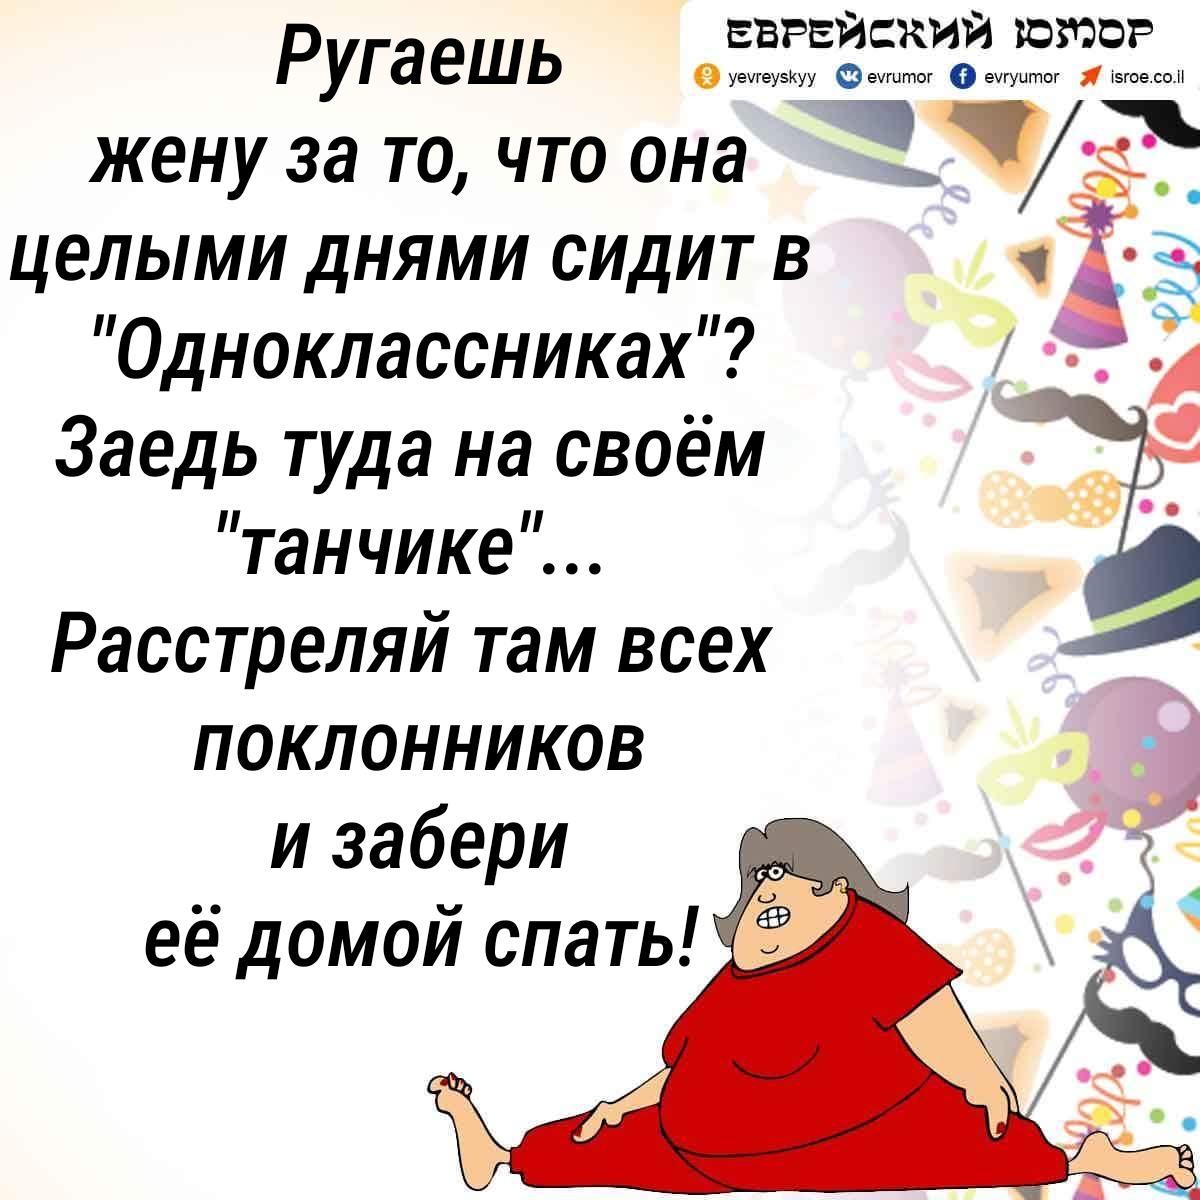 Еврейский юмор. Одесский анекдот. Одноклассники